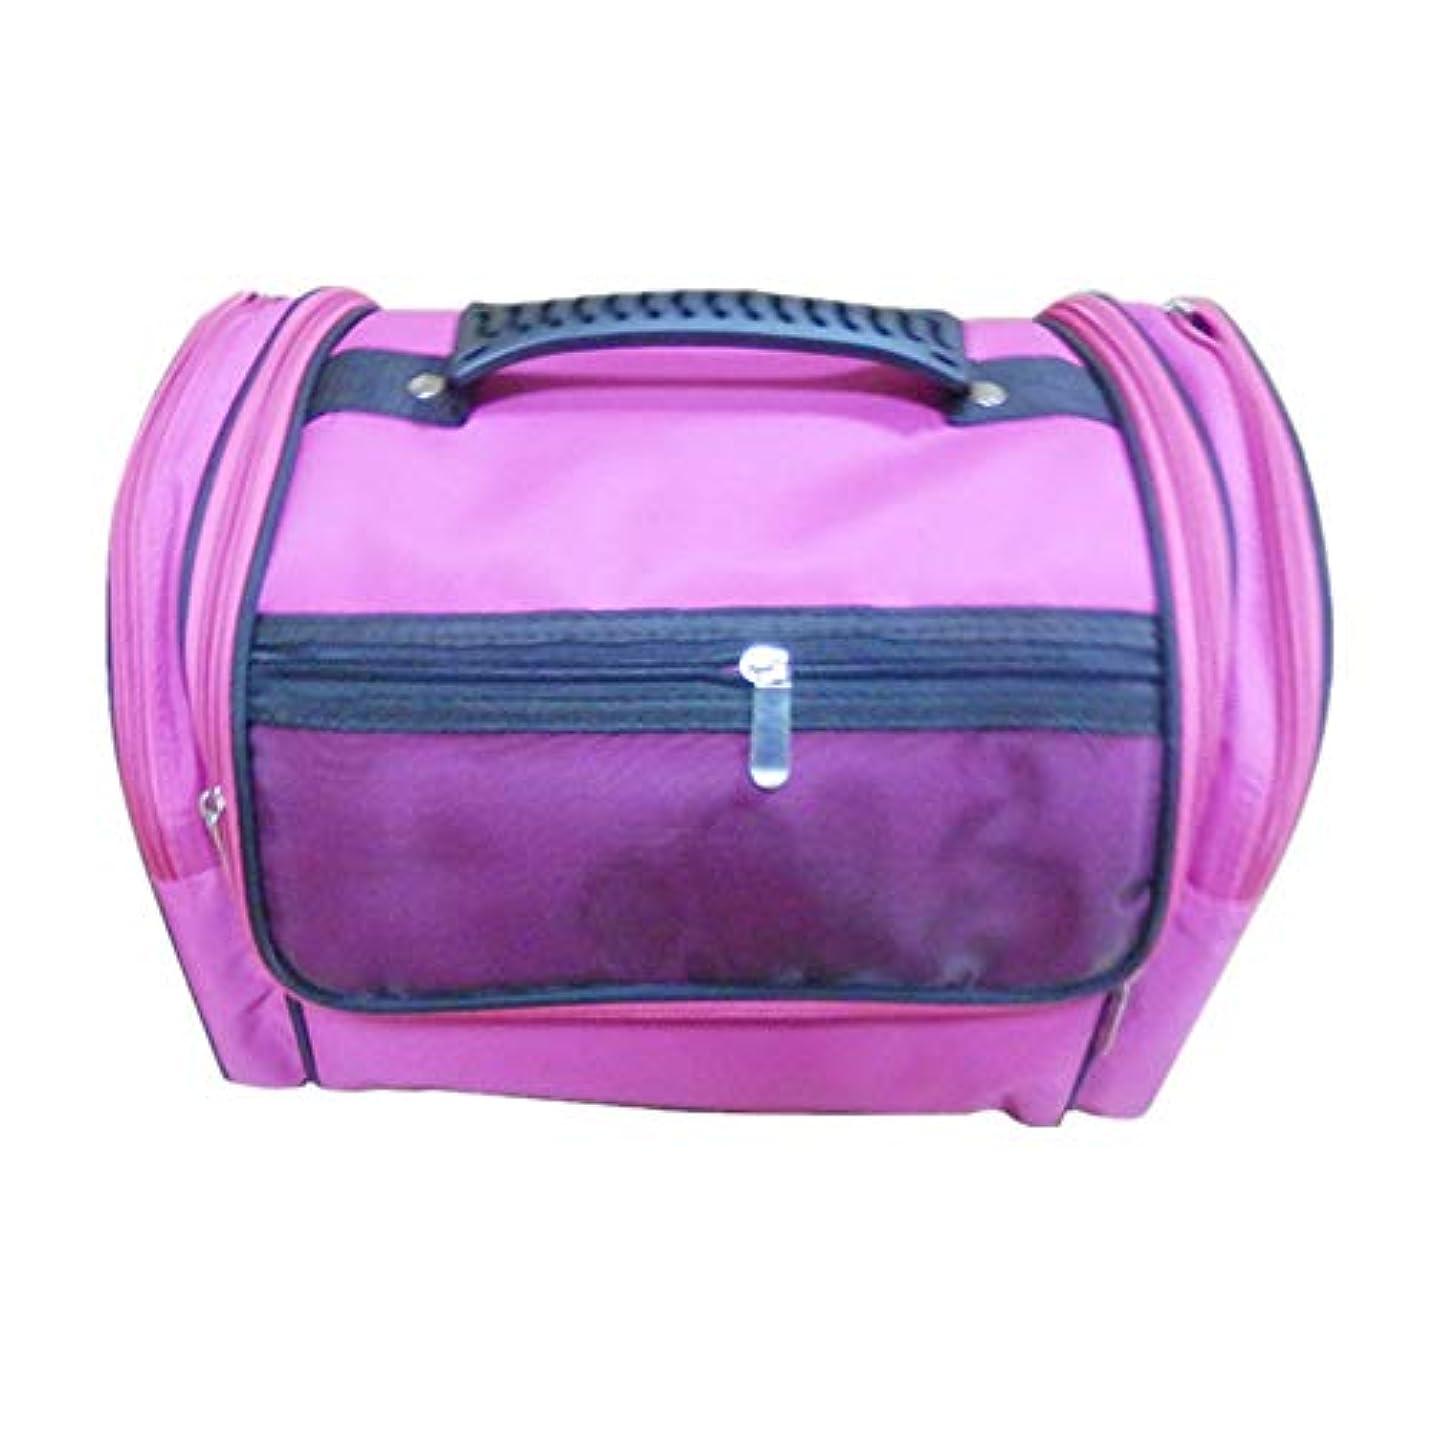 広大な貴重な奇跡化粧オーガナイザーバッグ 高容量カジュアルポータ??ブルキャンバス化粧品バッグ旅行のための美容メイクアップとジッパーで毎日のストレージ 化粧品ケース